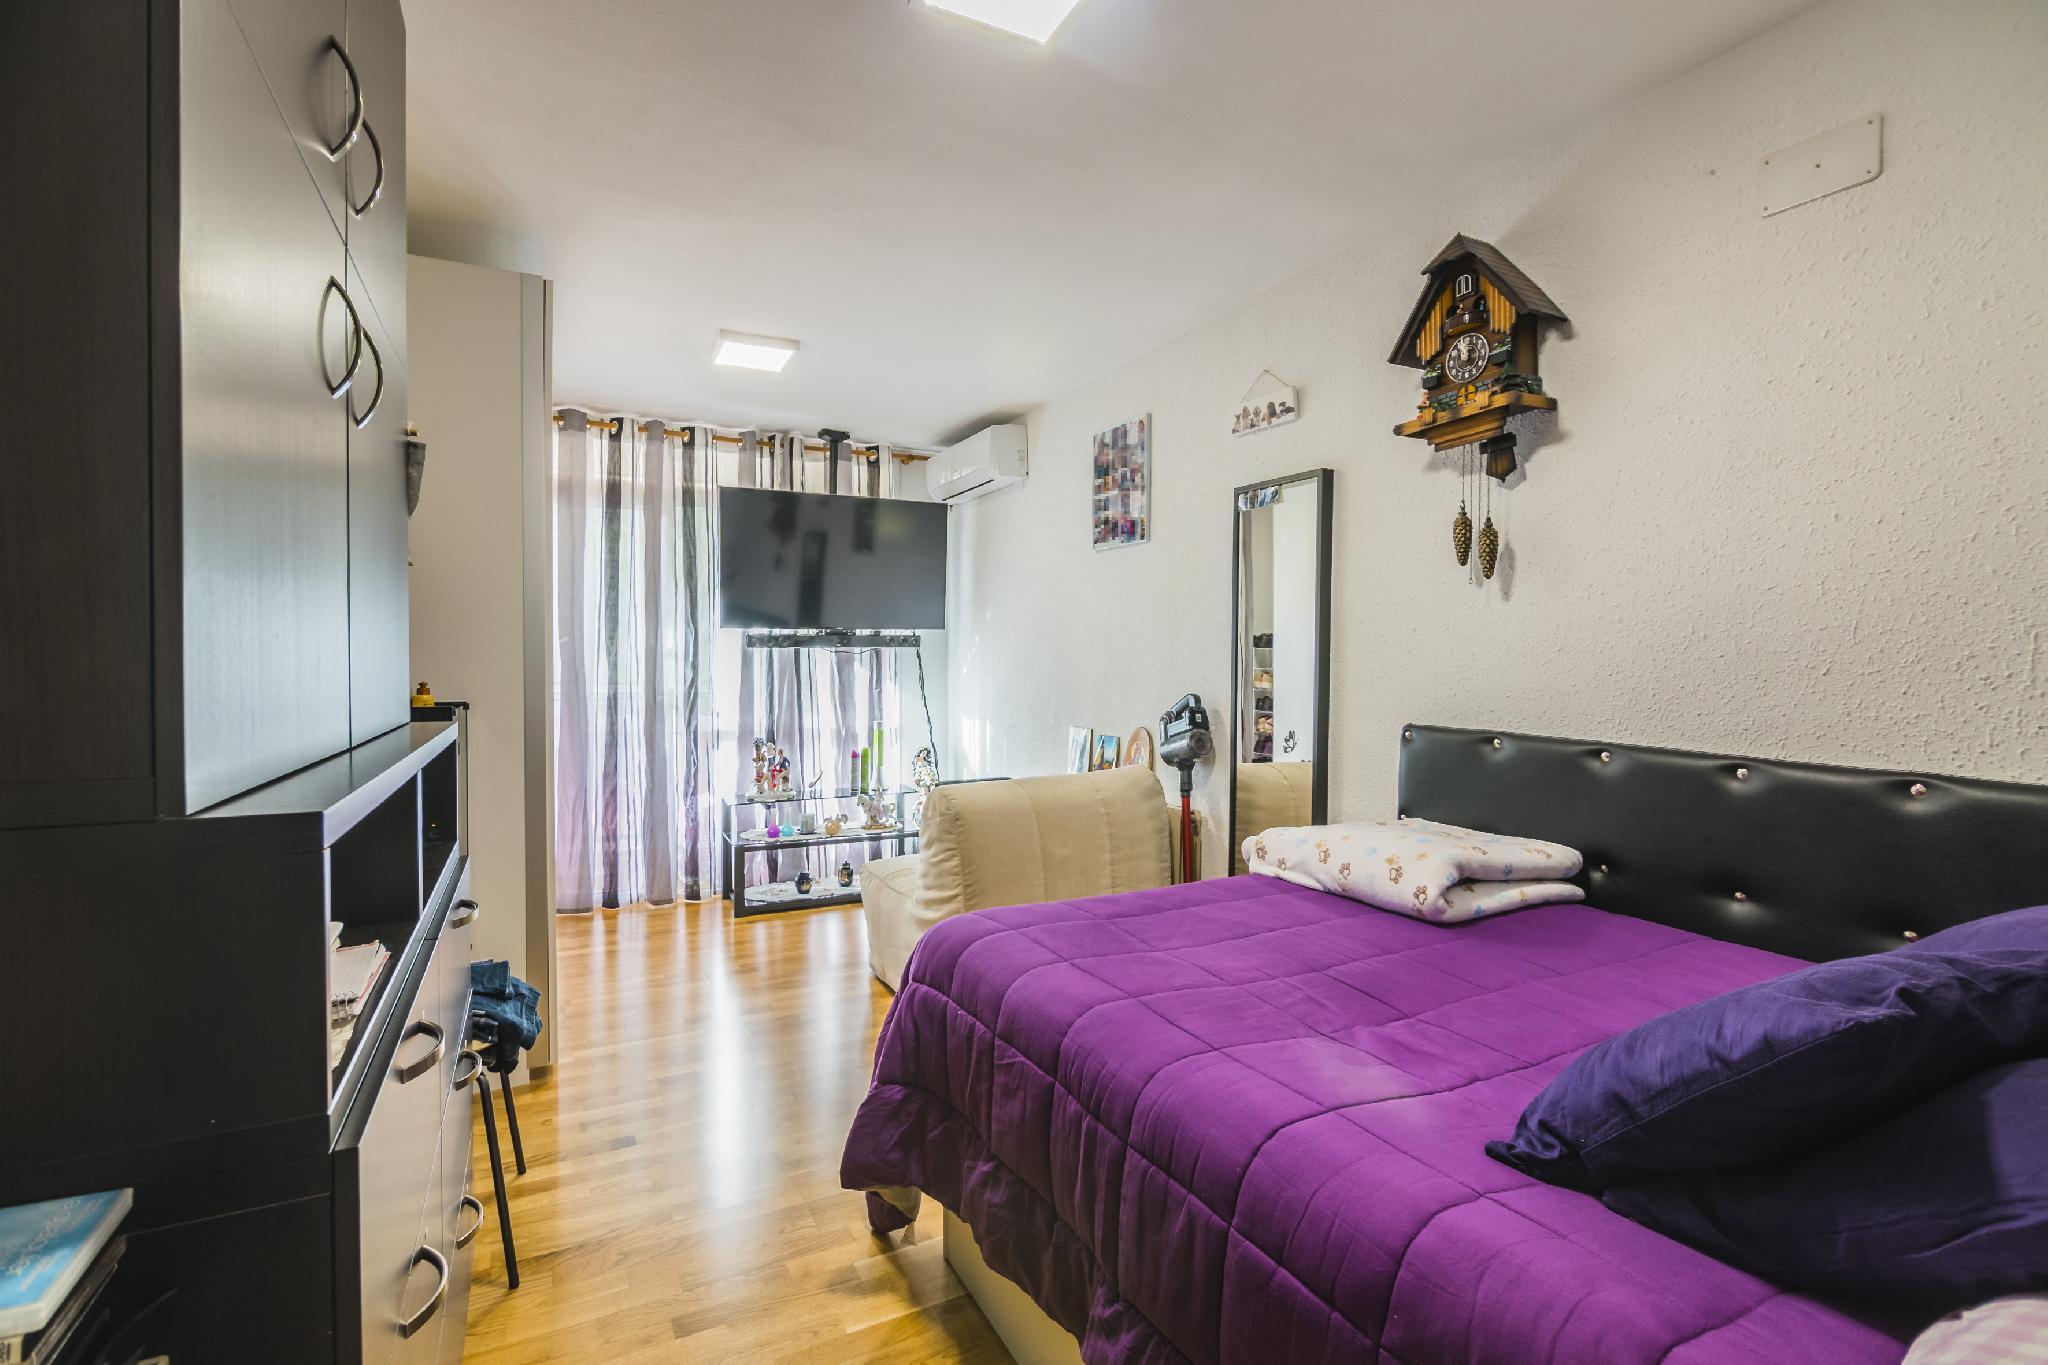 218431 - Cerca carrer Josep Pla